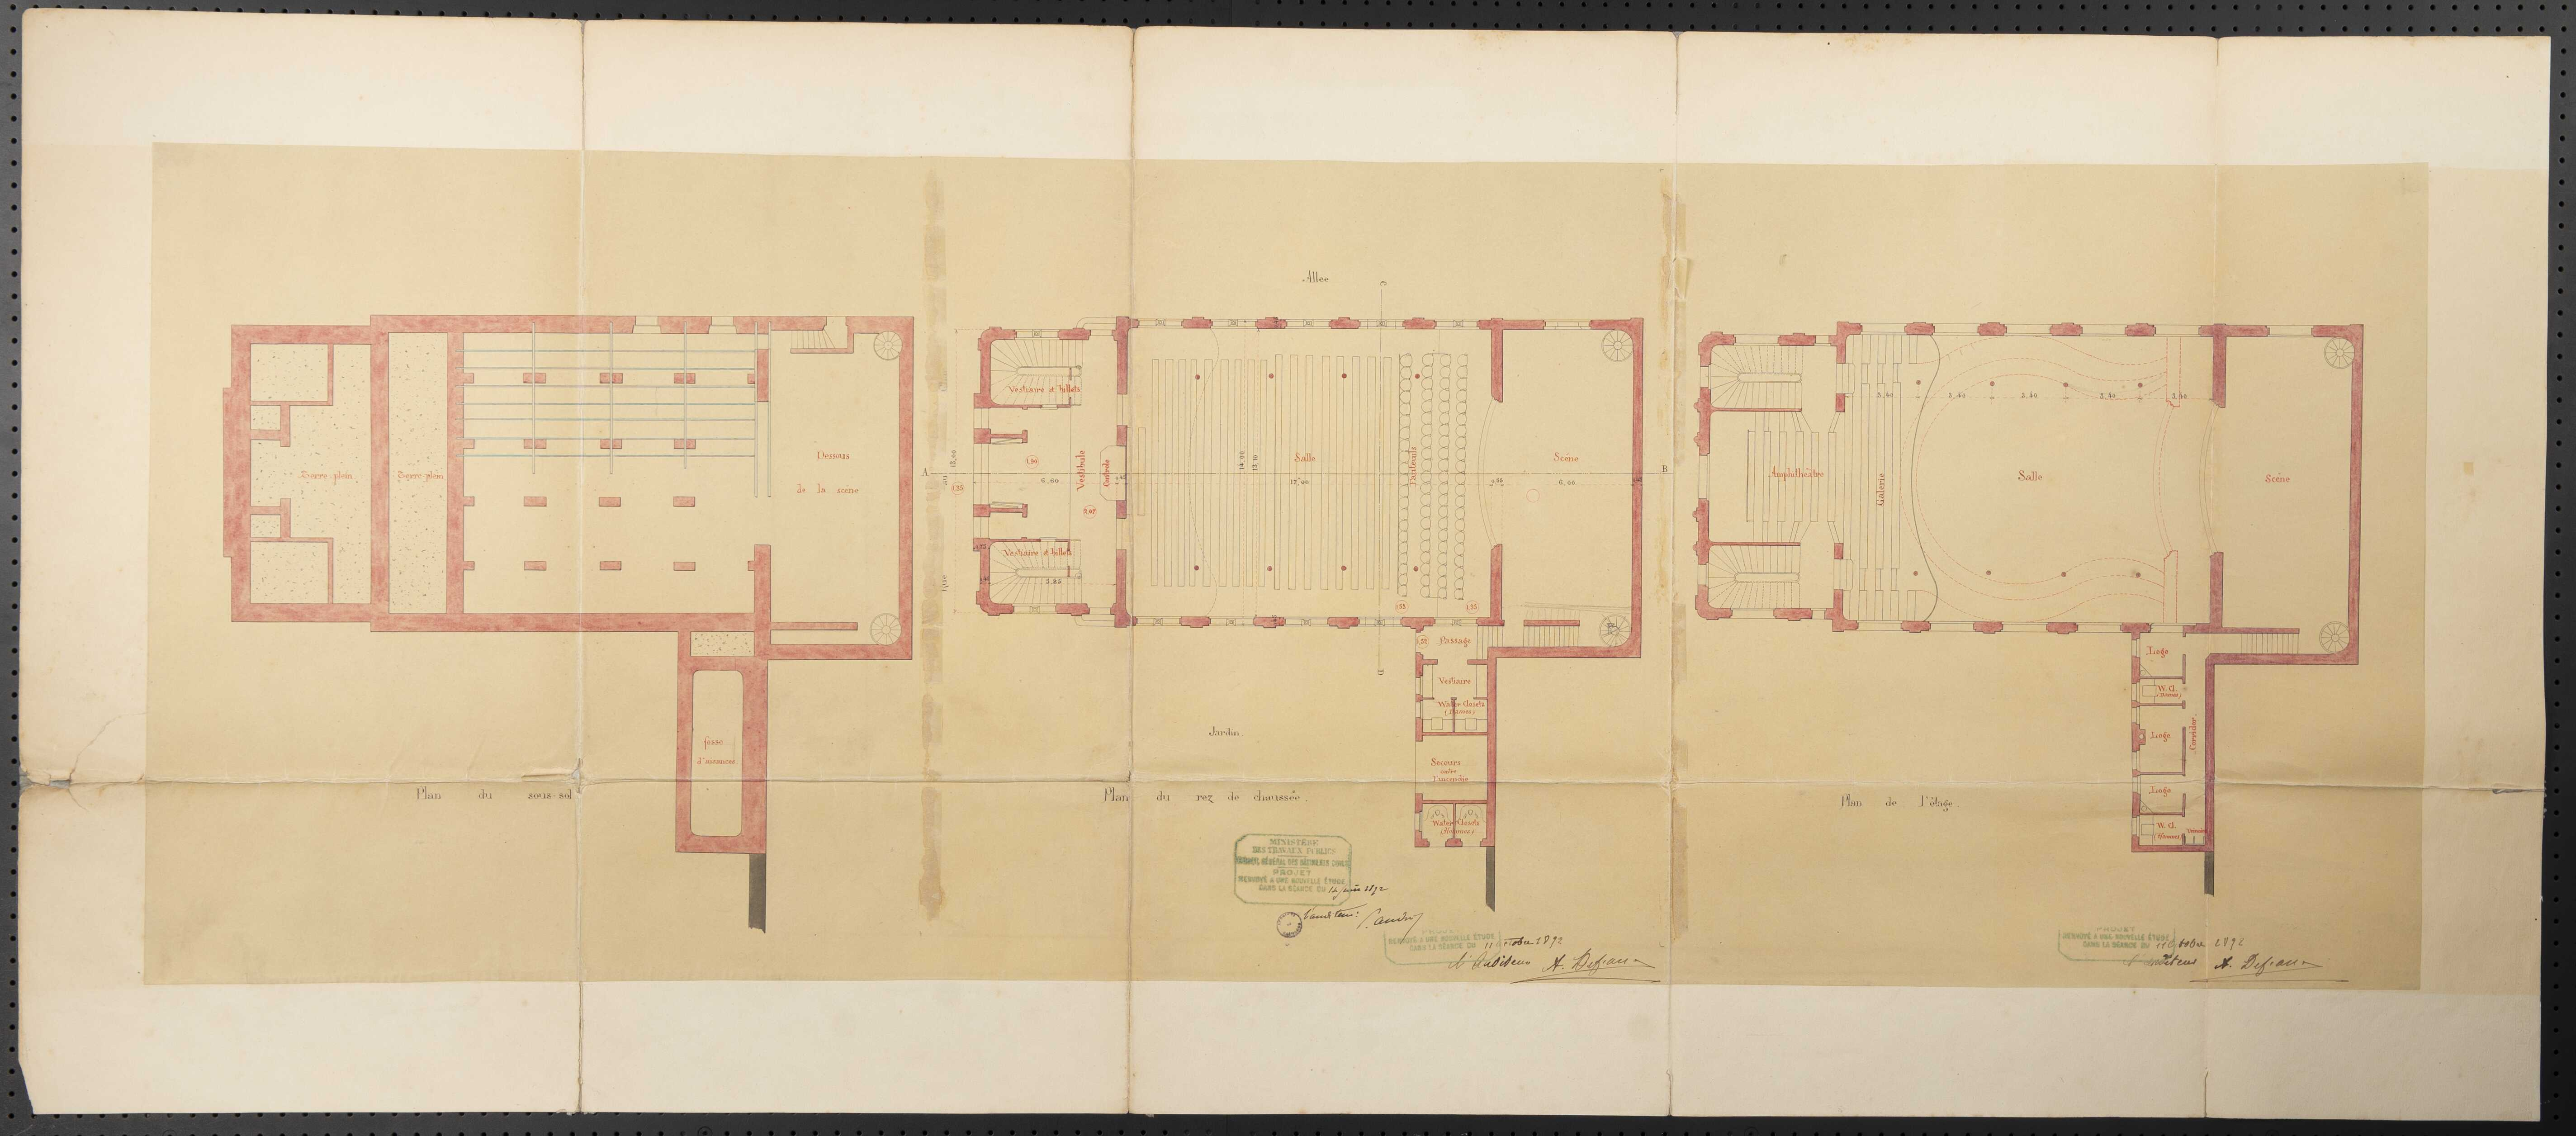 Plans d'extension et d'aménagement de la ville de Lisieux, élaboration